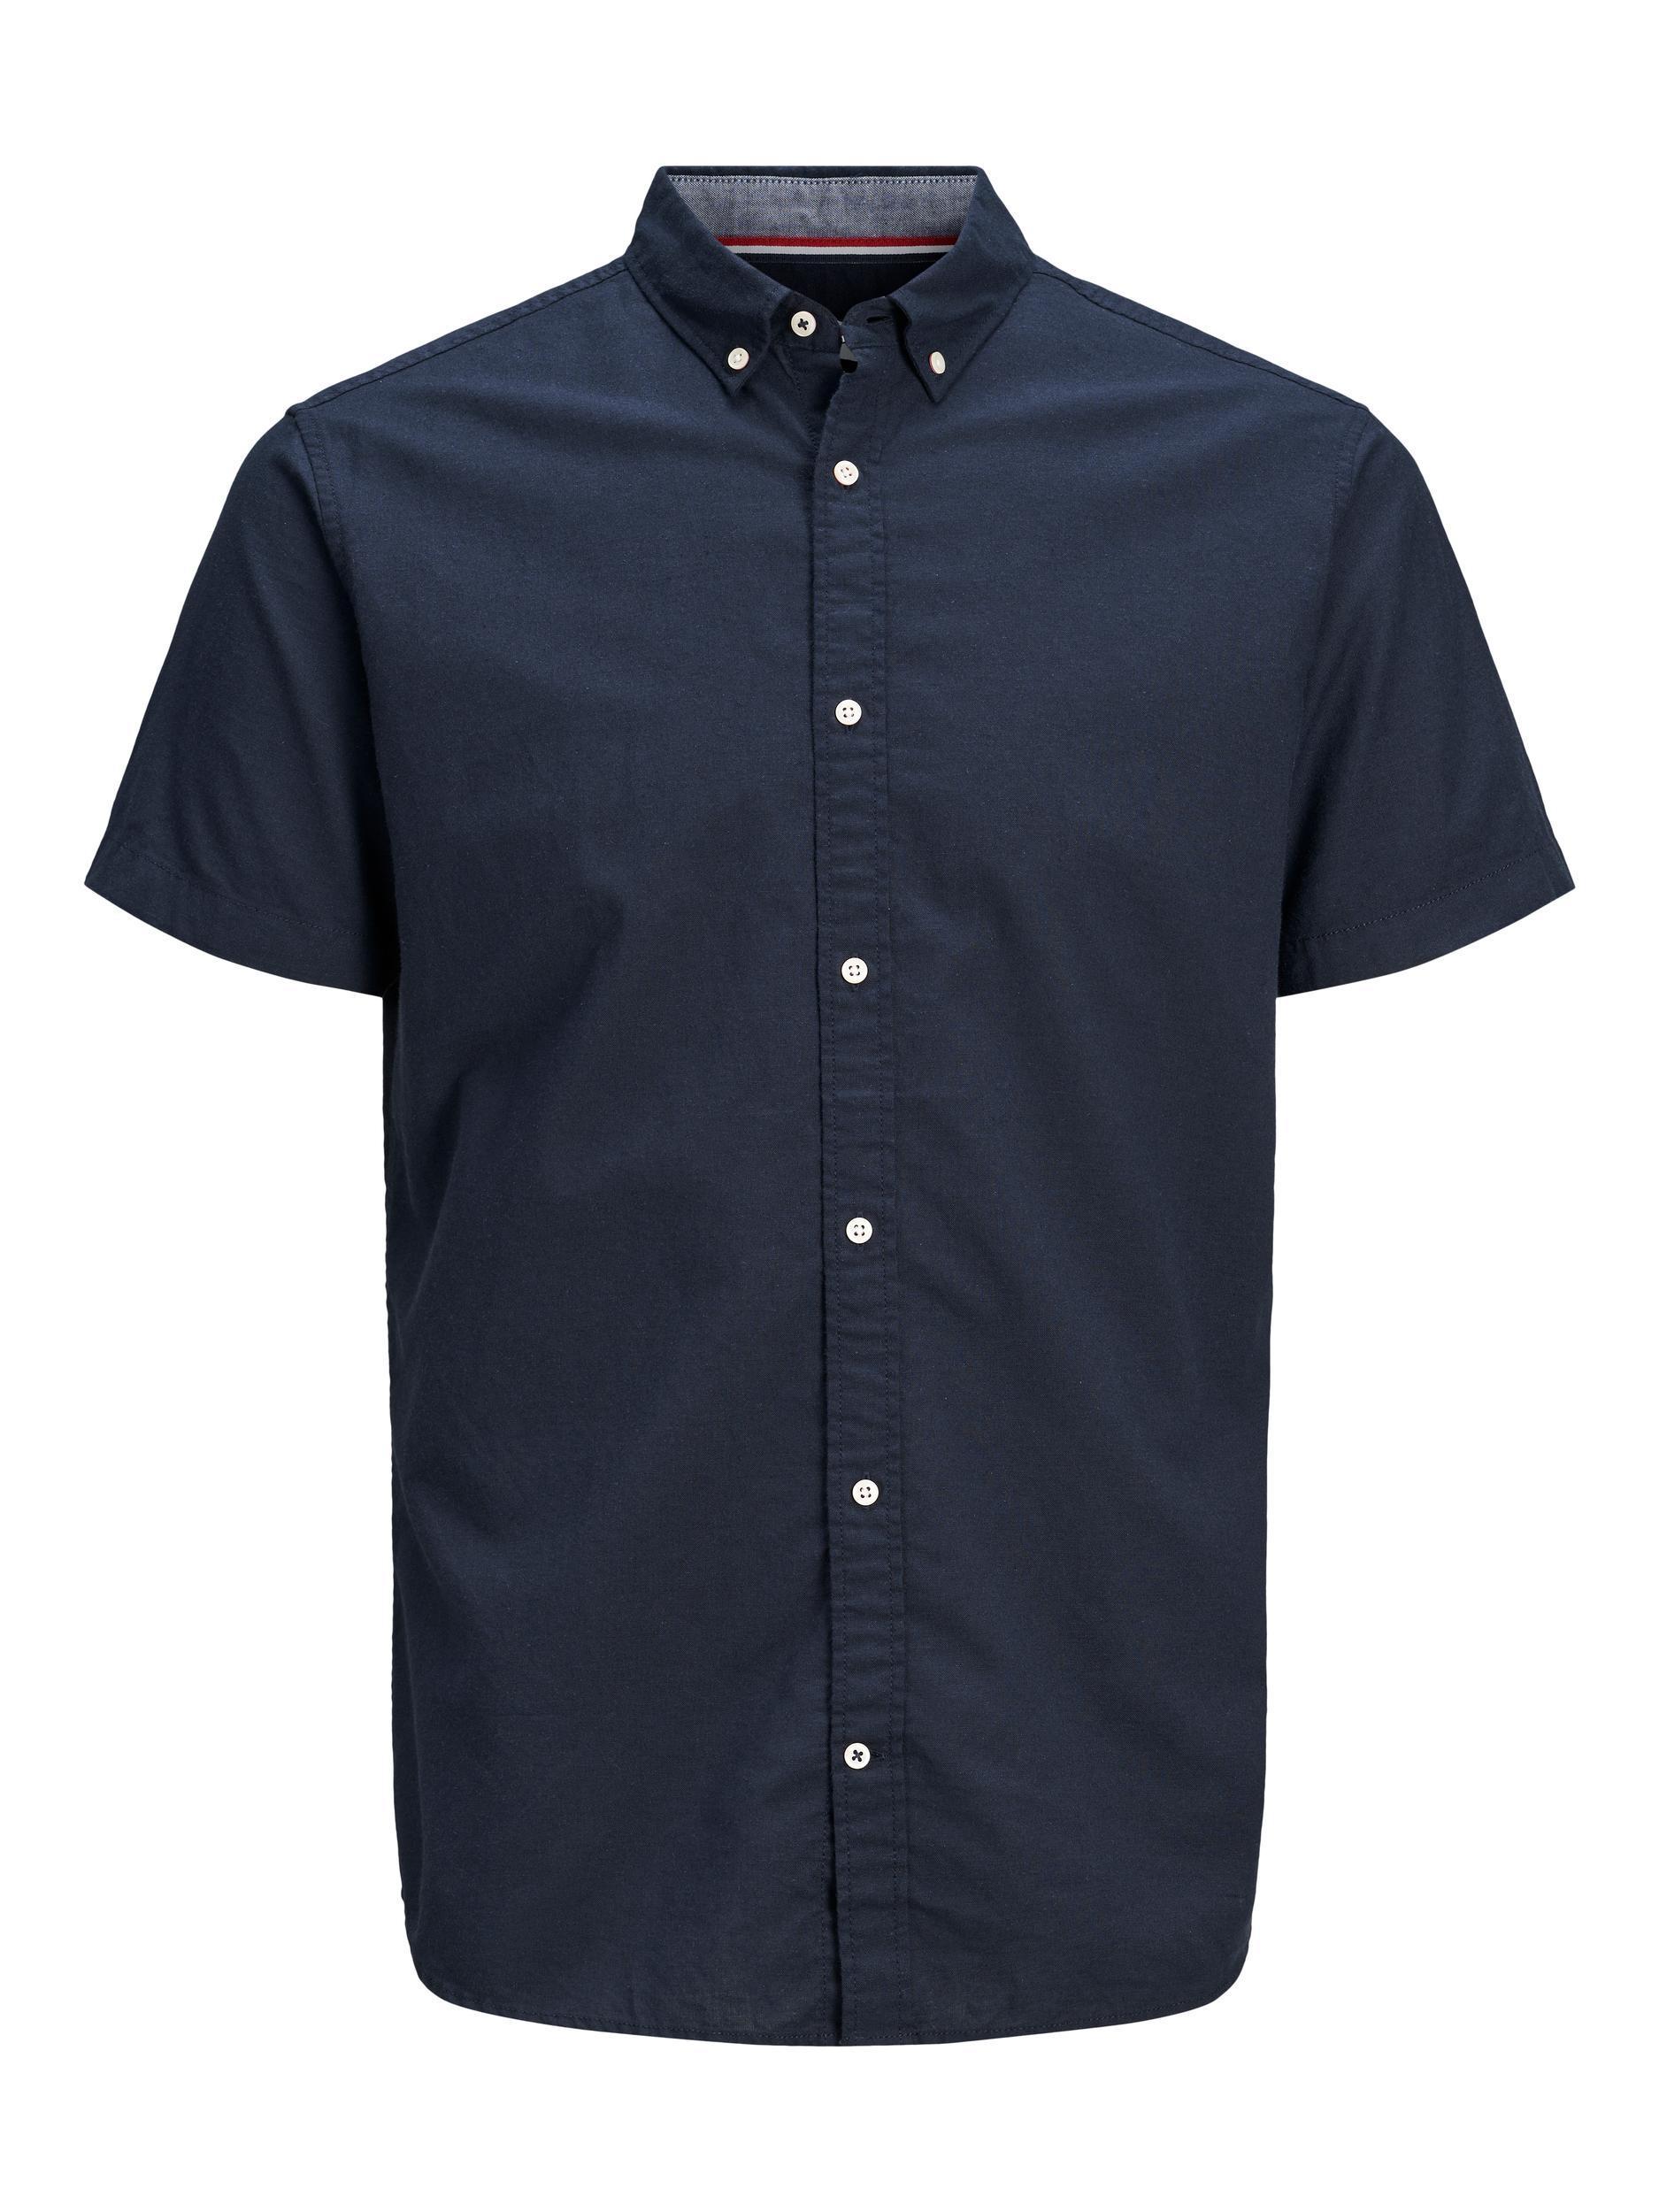 Jack & Jones Summer skjorte S/S